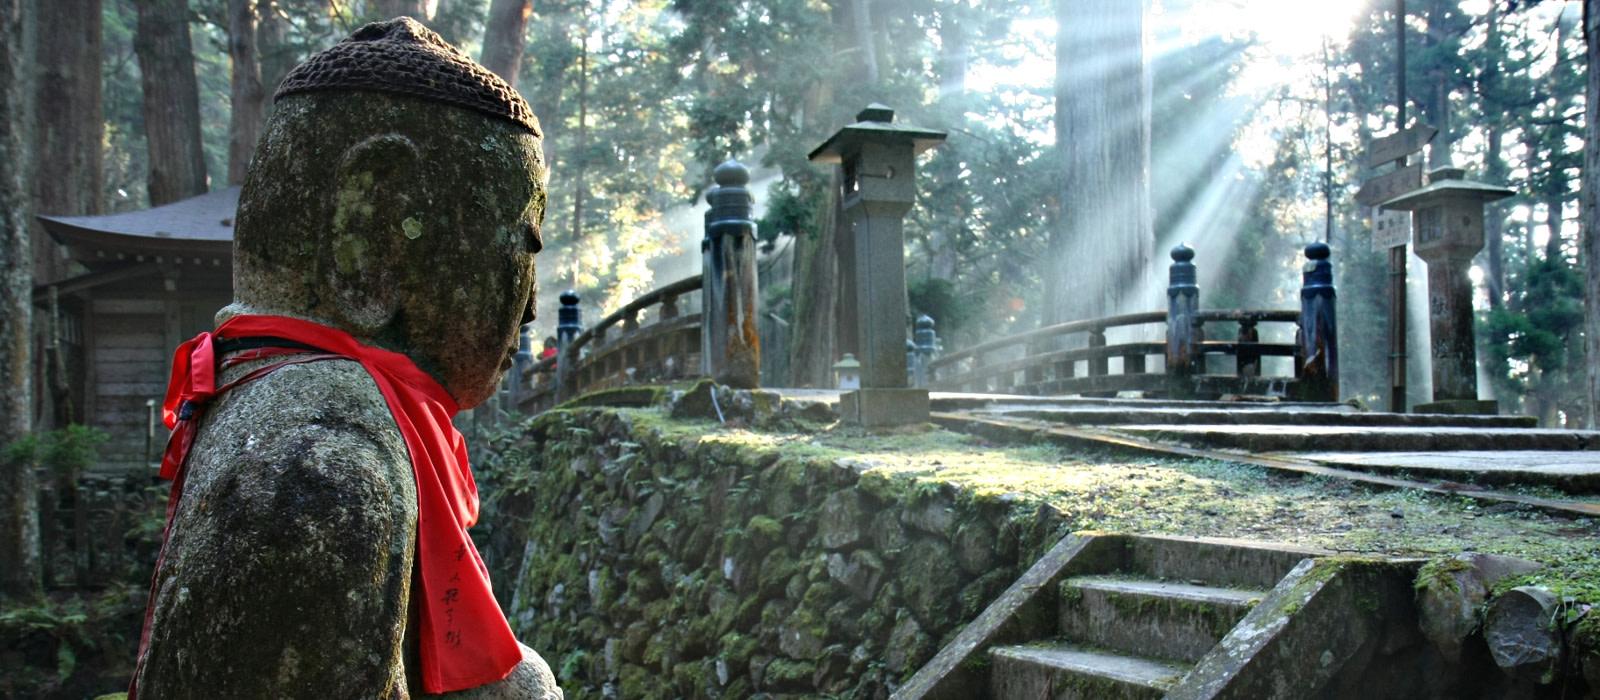 Reiseziel Koyasan Japan